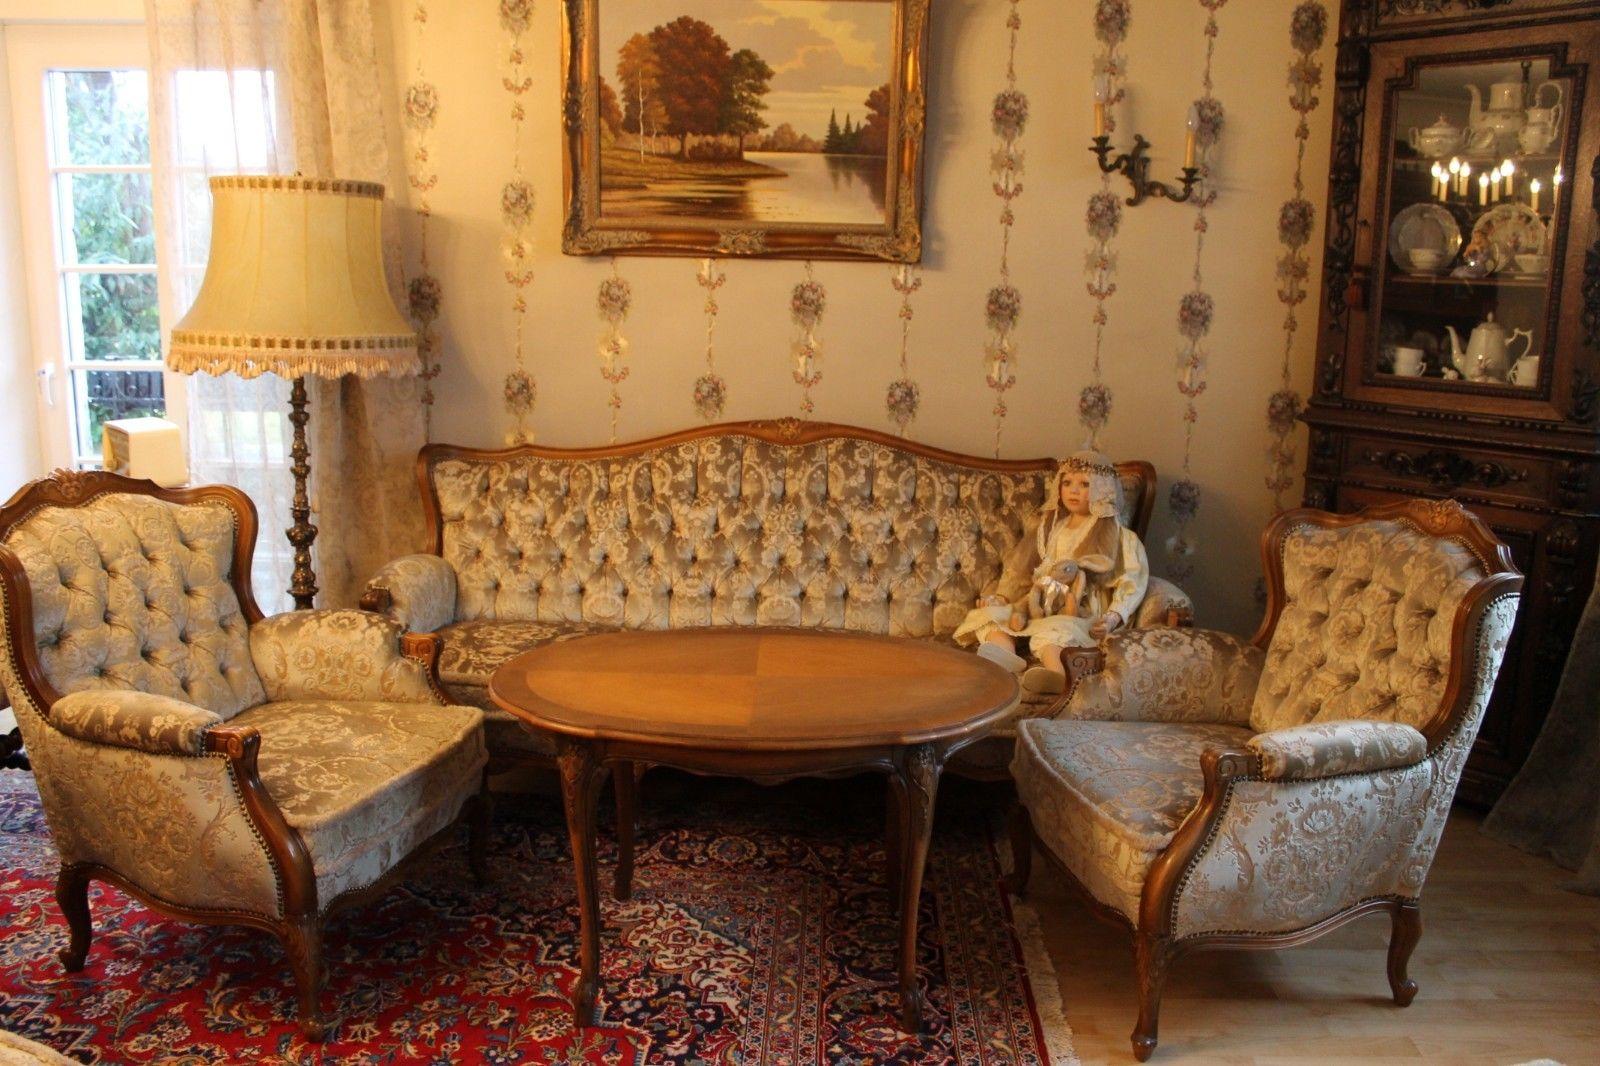 Full Size of Antike Sofagarnitur Couch Sessel Chippendale Sitzgarnitur 5 Teilig Stressless Sofa überwurf Bett 180x200 Bettkasten L Form Rotes Auf Raten Muuto Lila Megapol Sofa Sofa Garnitur 2 Teilig